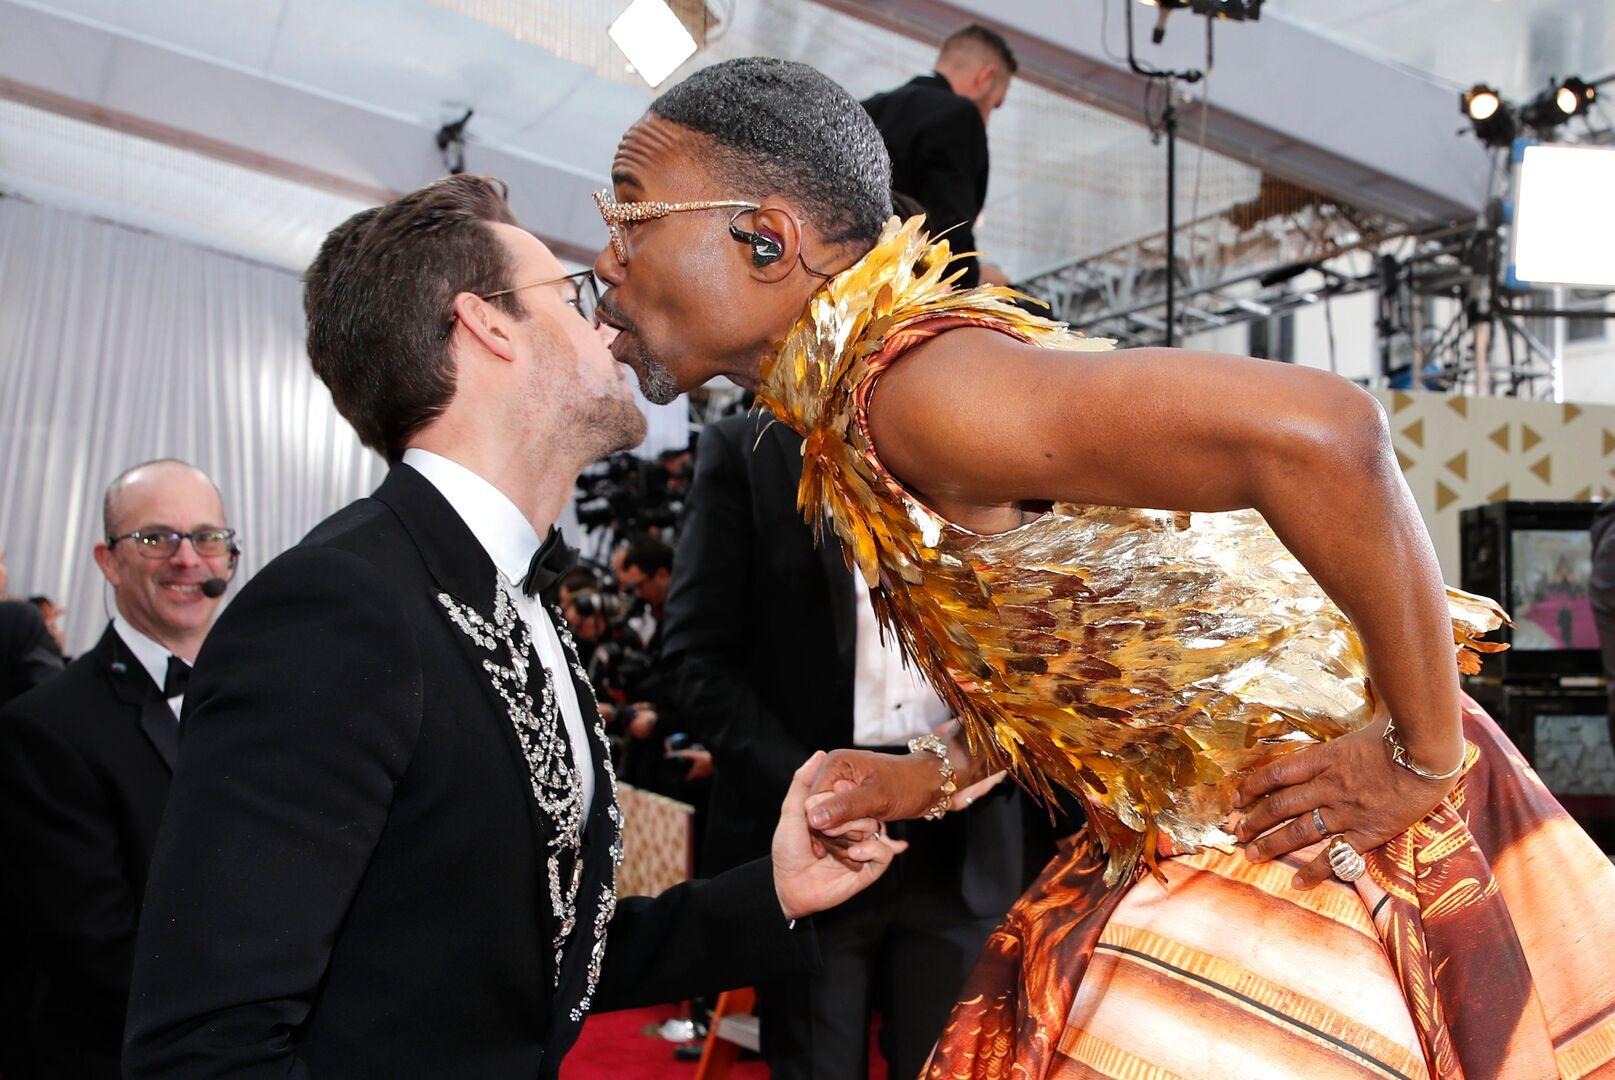 فنان مشهور بفستان نسائي في الأوسكار.. وقبلة غير متوقعة تثير جدلا!(صور)